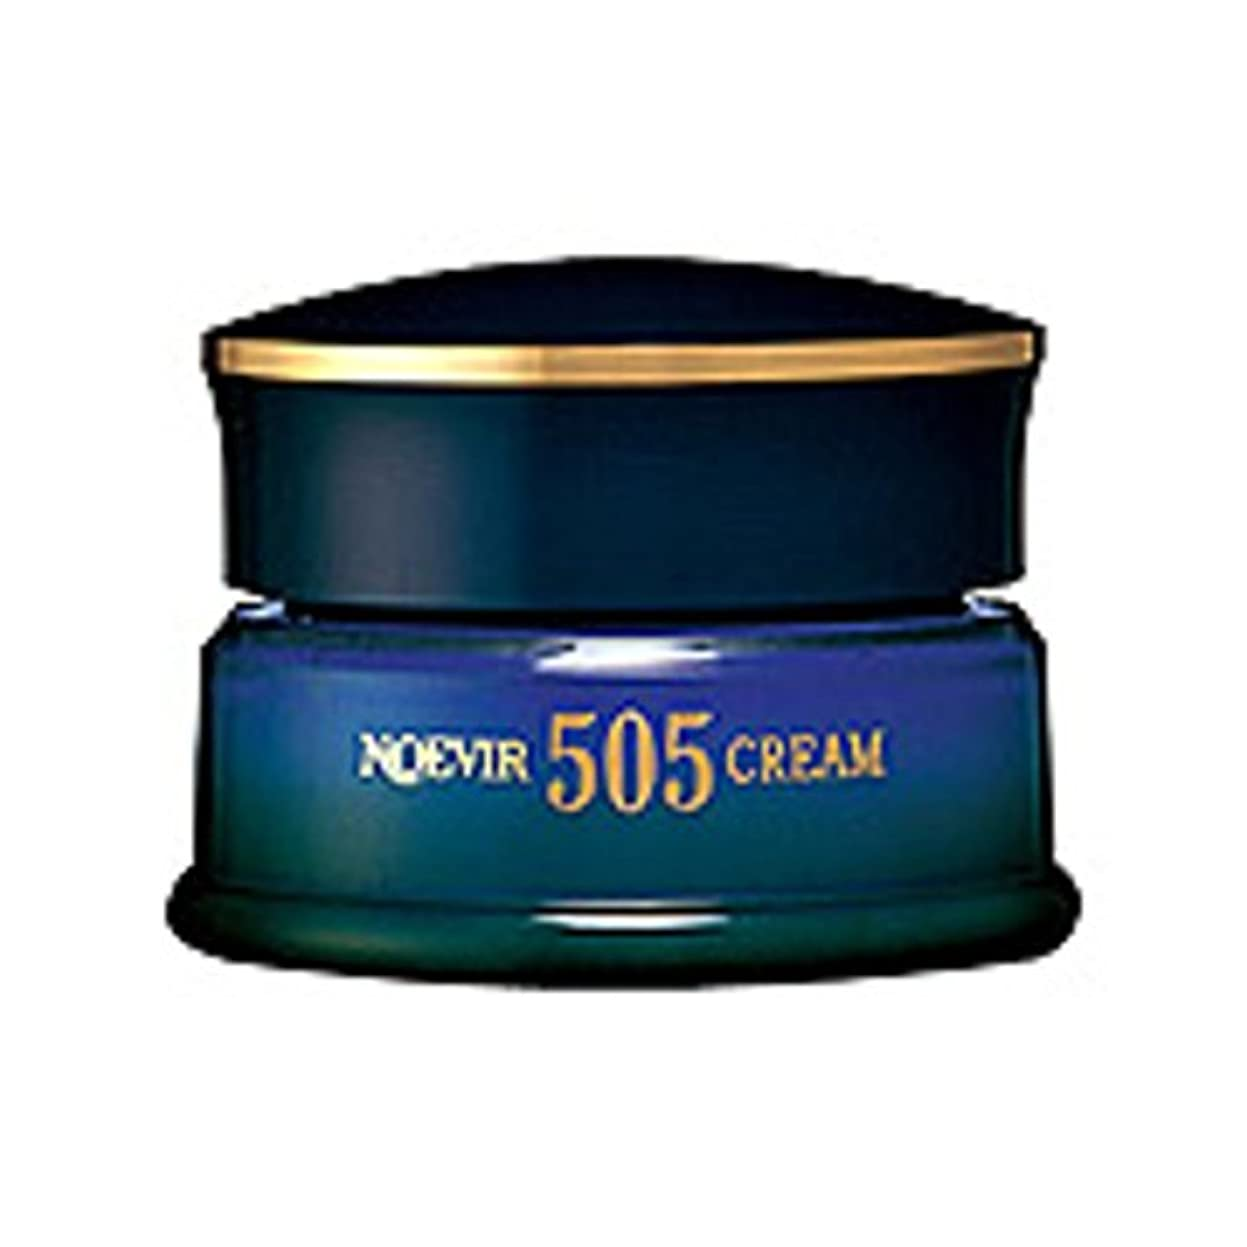 識字インストラクター方程式ノエビア 505 薬用クリーム 30g